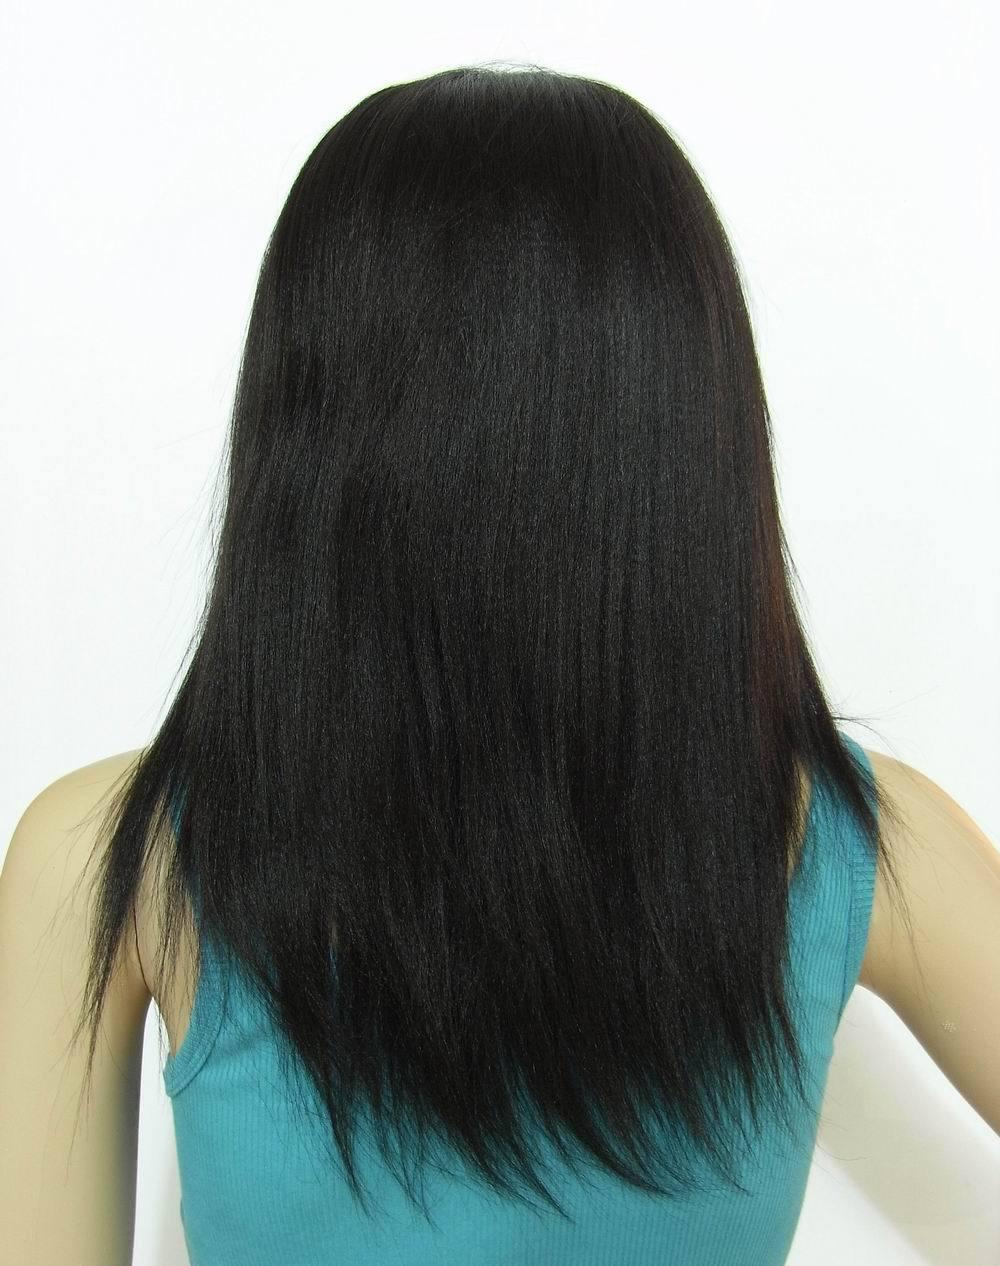 QDKZJ Естественный цвет 10 дюймов 2018 бразильский парик шнурка настоящий шелковый парик волос черный средний короткий прямой волос естественный парик химического волокна